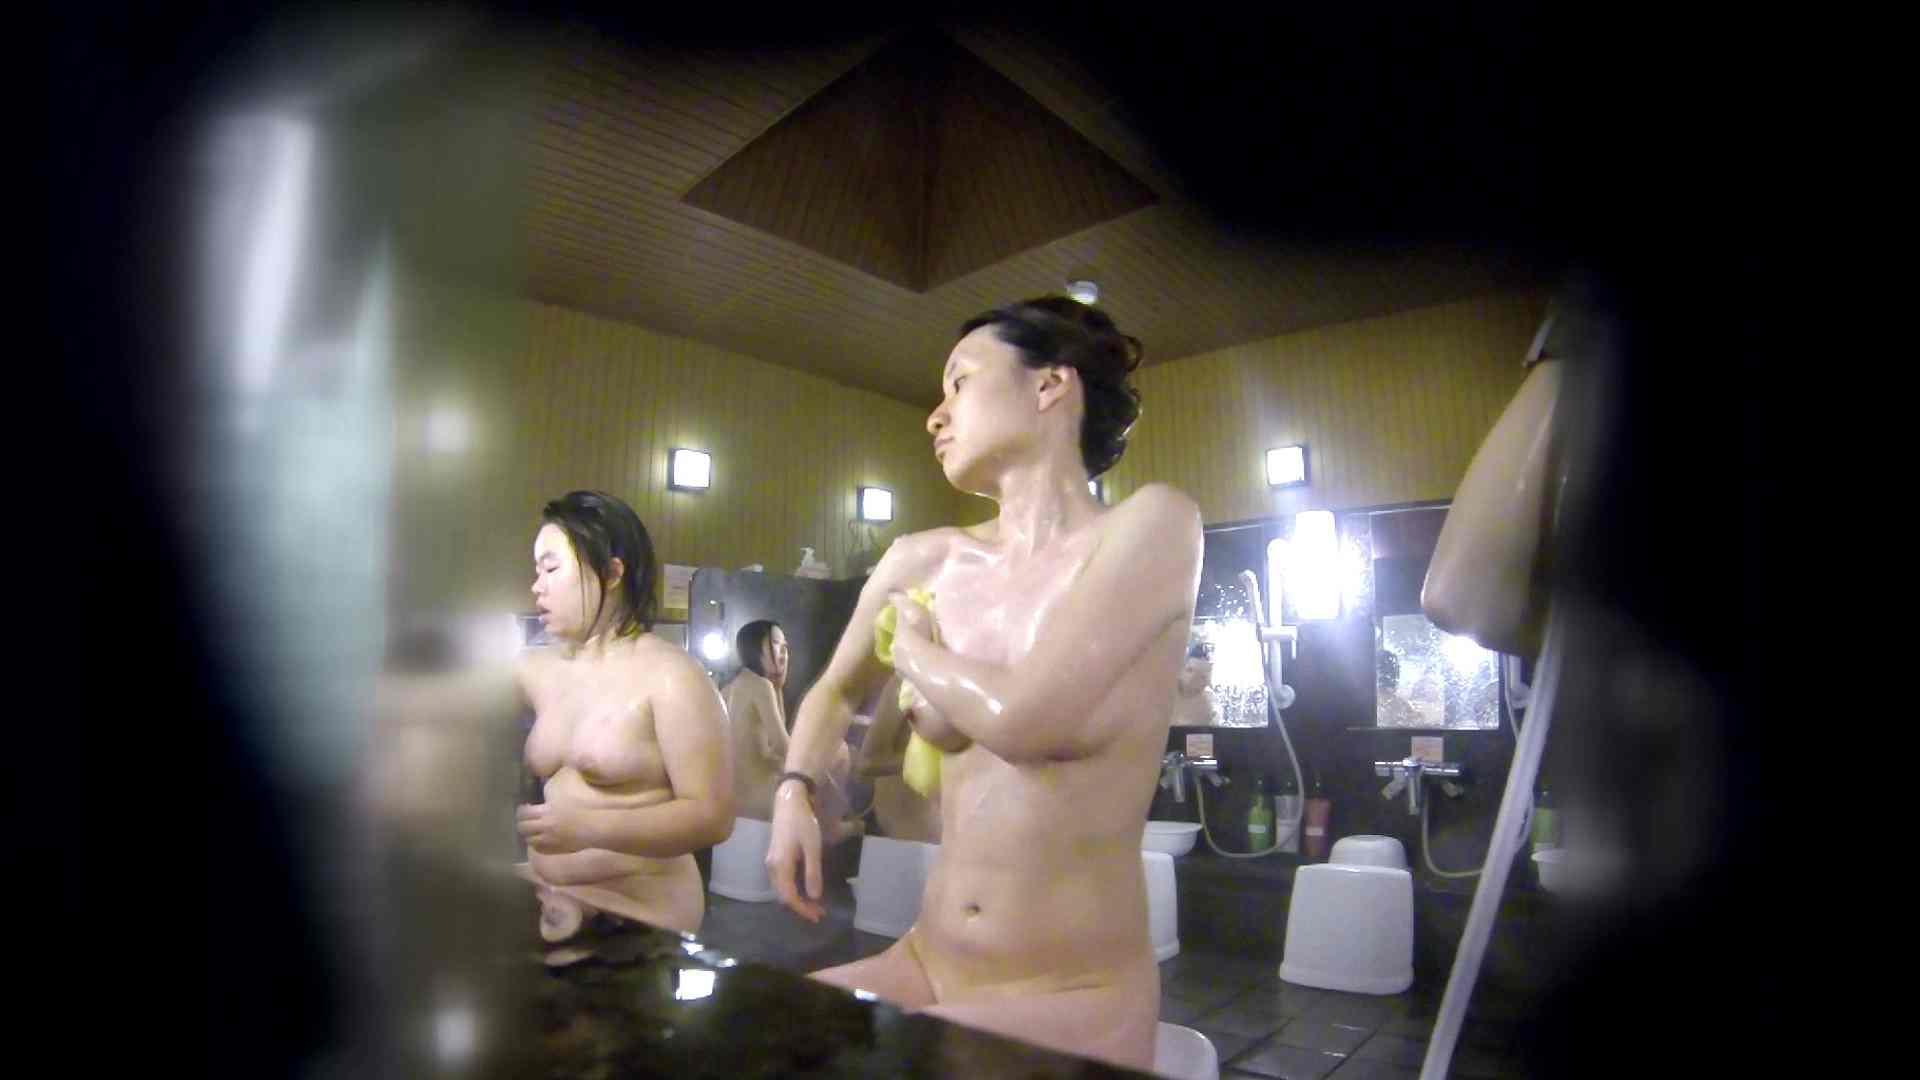 洗い場!アソコの毛辺の手入れで妄想が膨らみました。 女湯 われめAV動画紹介 55画像 47